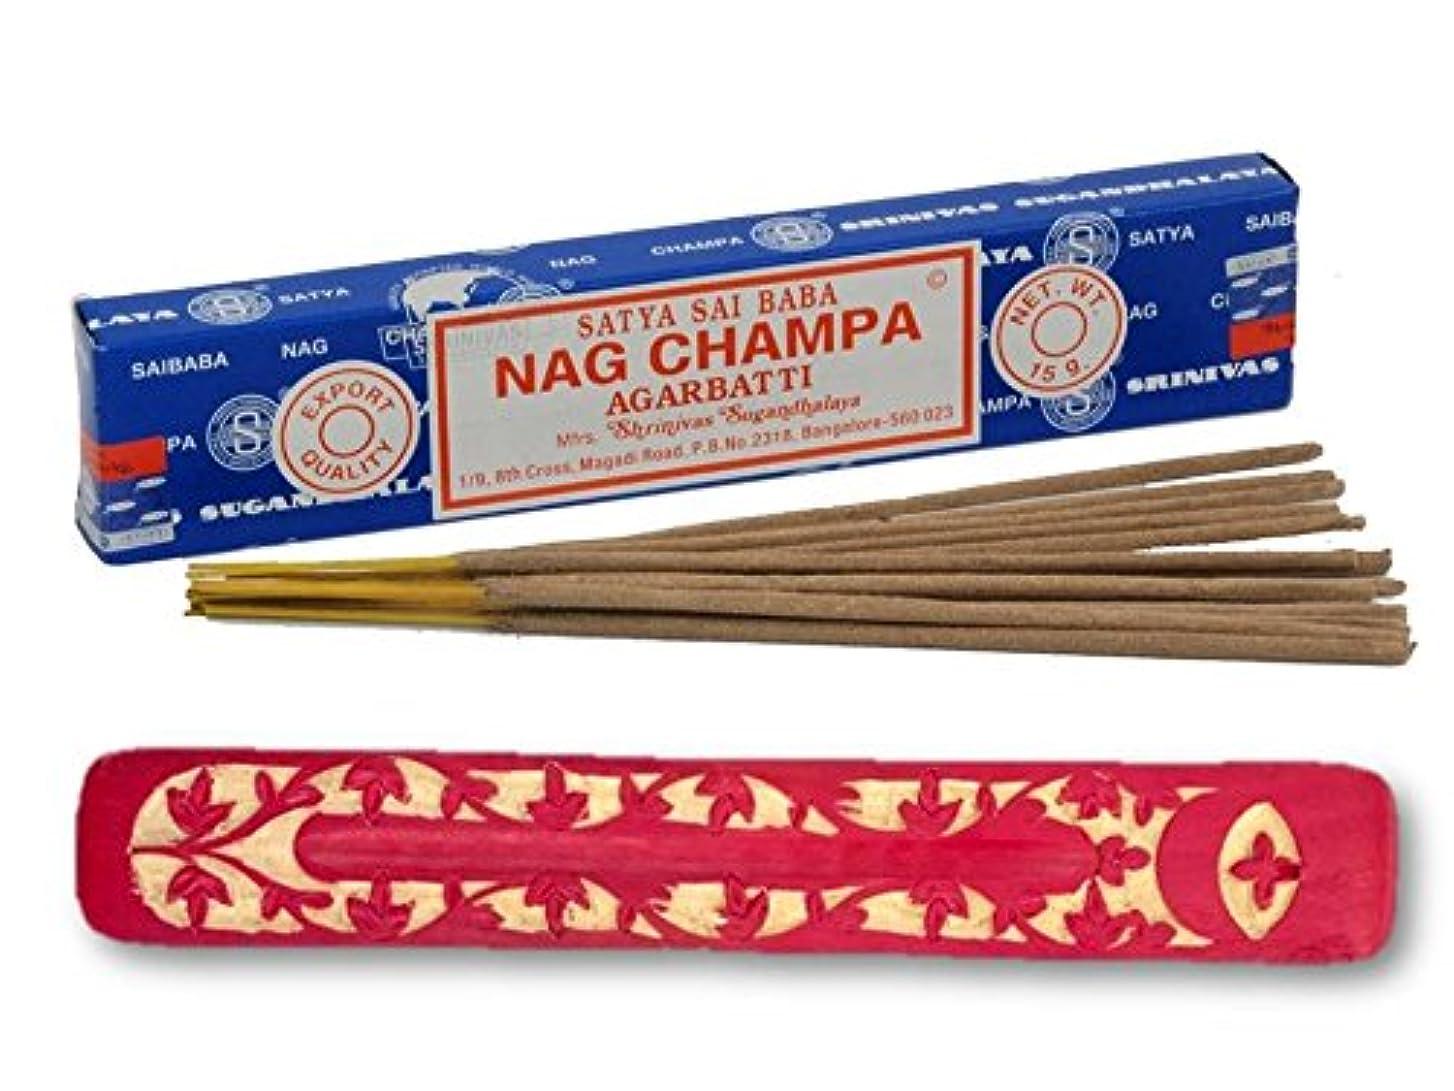 便益スラム弱まるすぐに使える!SATYAサイババナグチャンパ15g 1箱/スティックお香とカラフル平型お香立てセット (レッド)